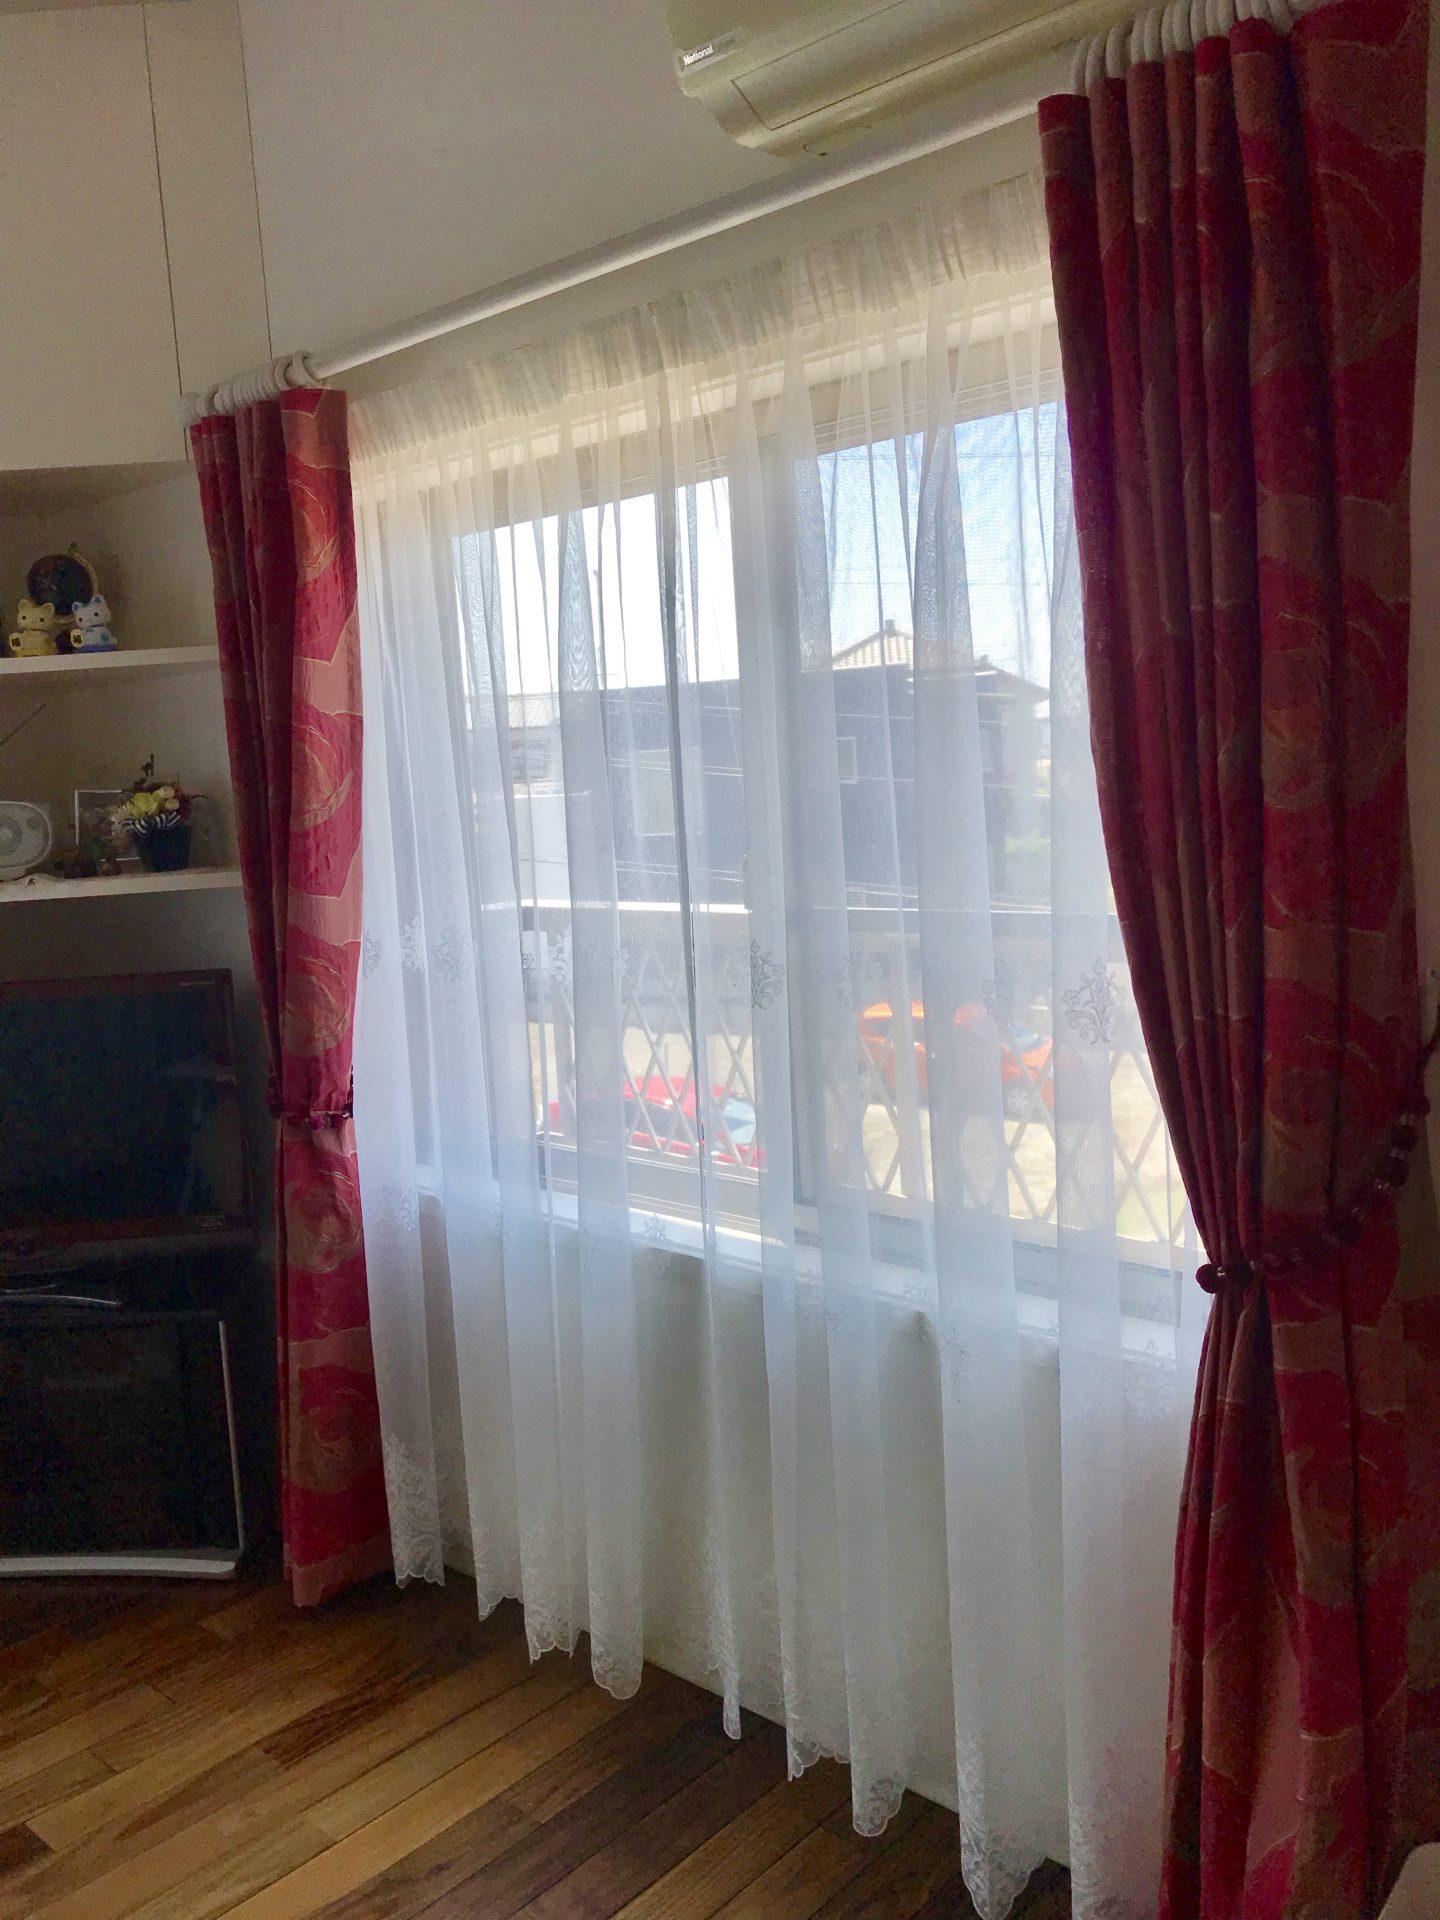 腰窓でも丈を床まで吊るすと、窓が大きく感じる